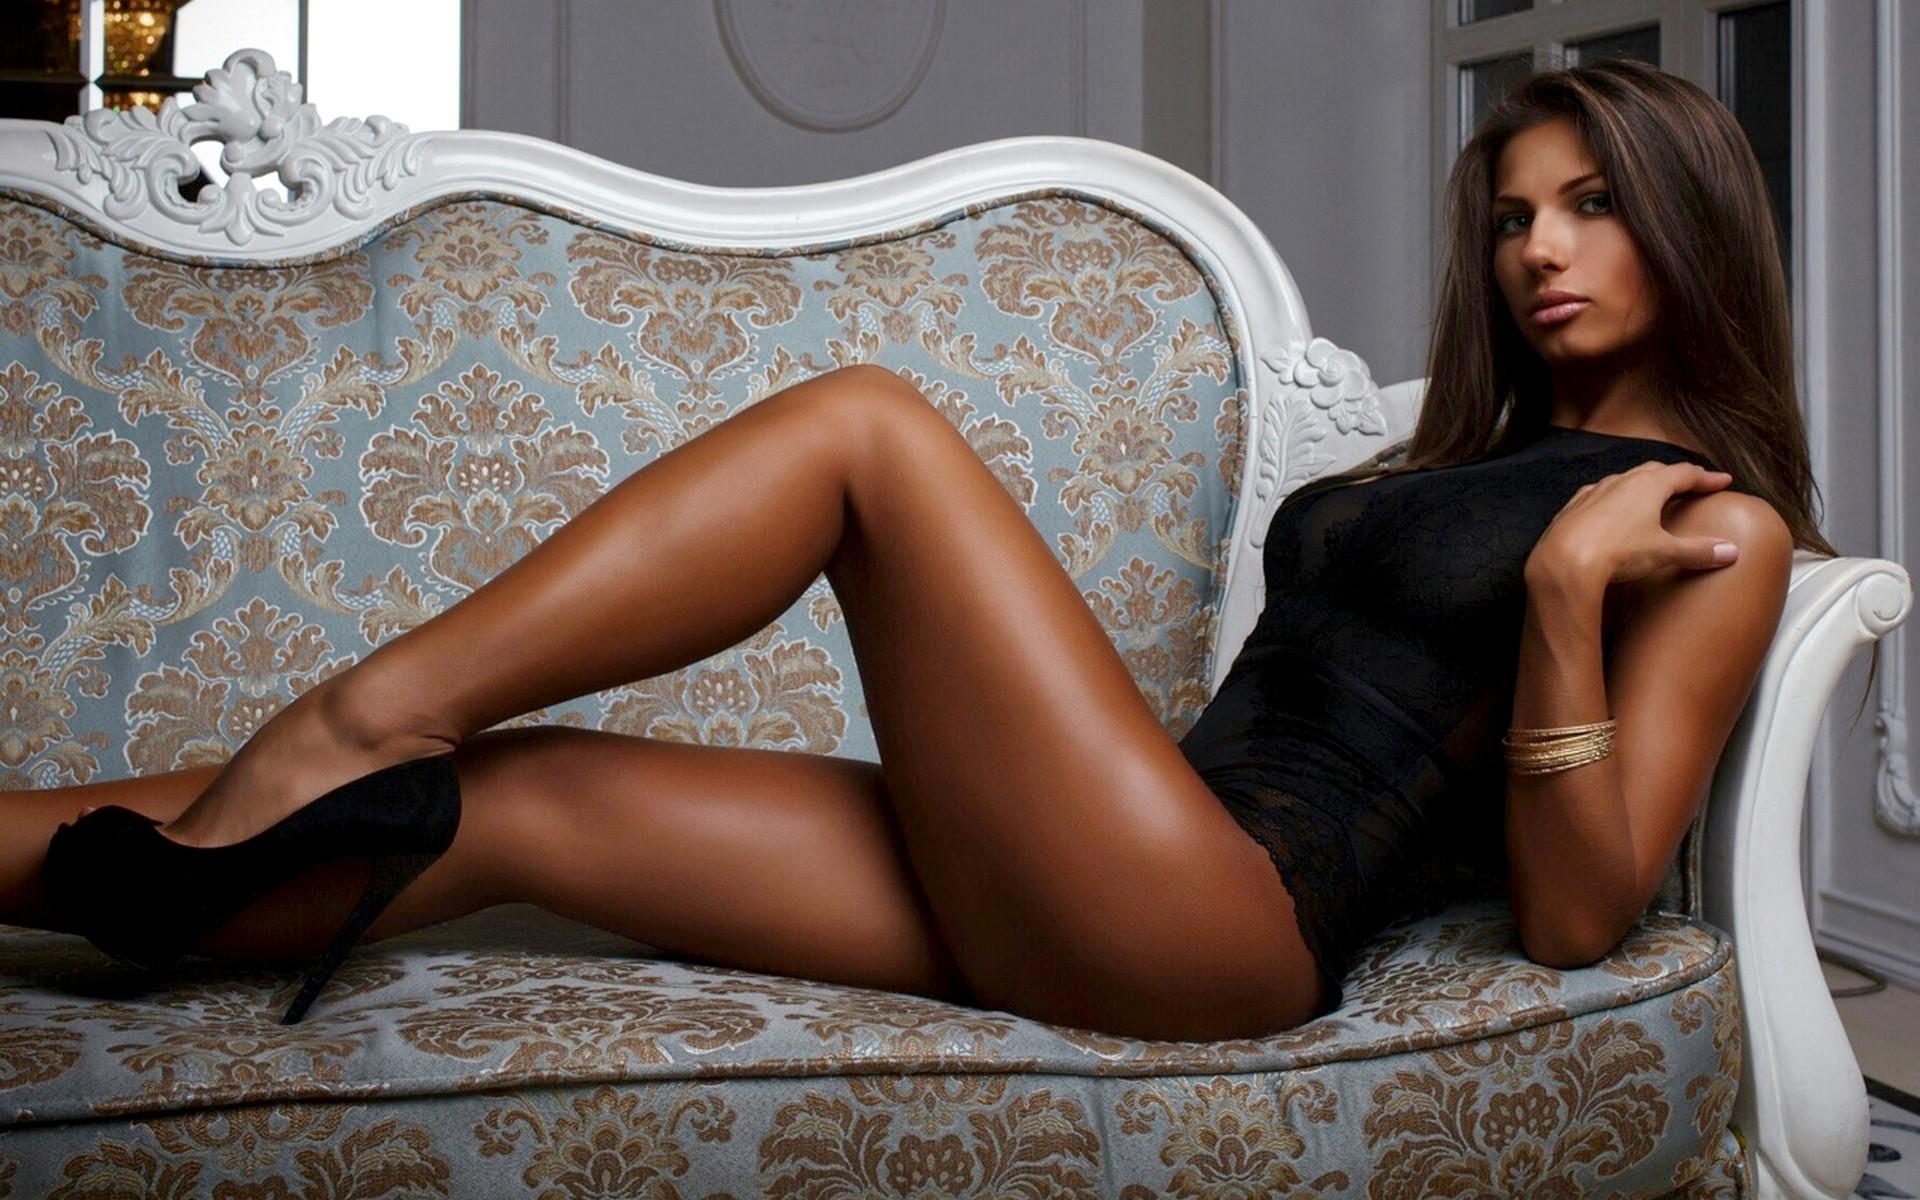 Сайты с вип проститутками, Vip проститутки индивидуалки Москвы с выездом 19 фотография